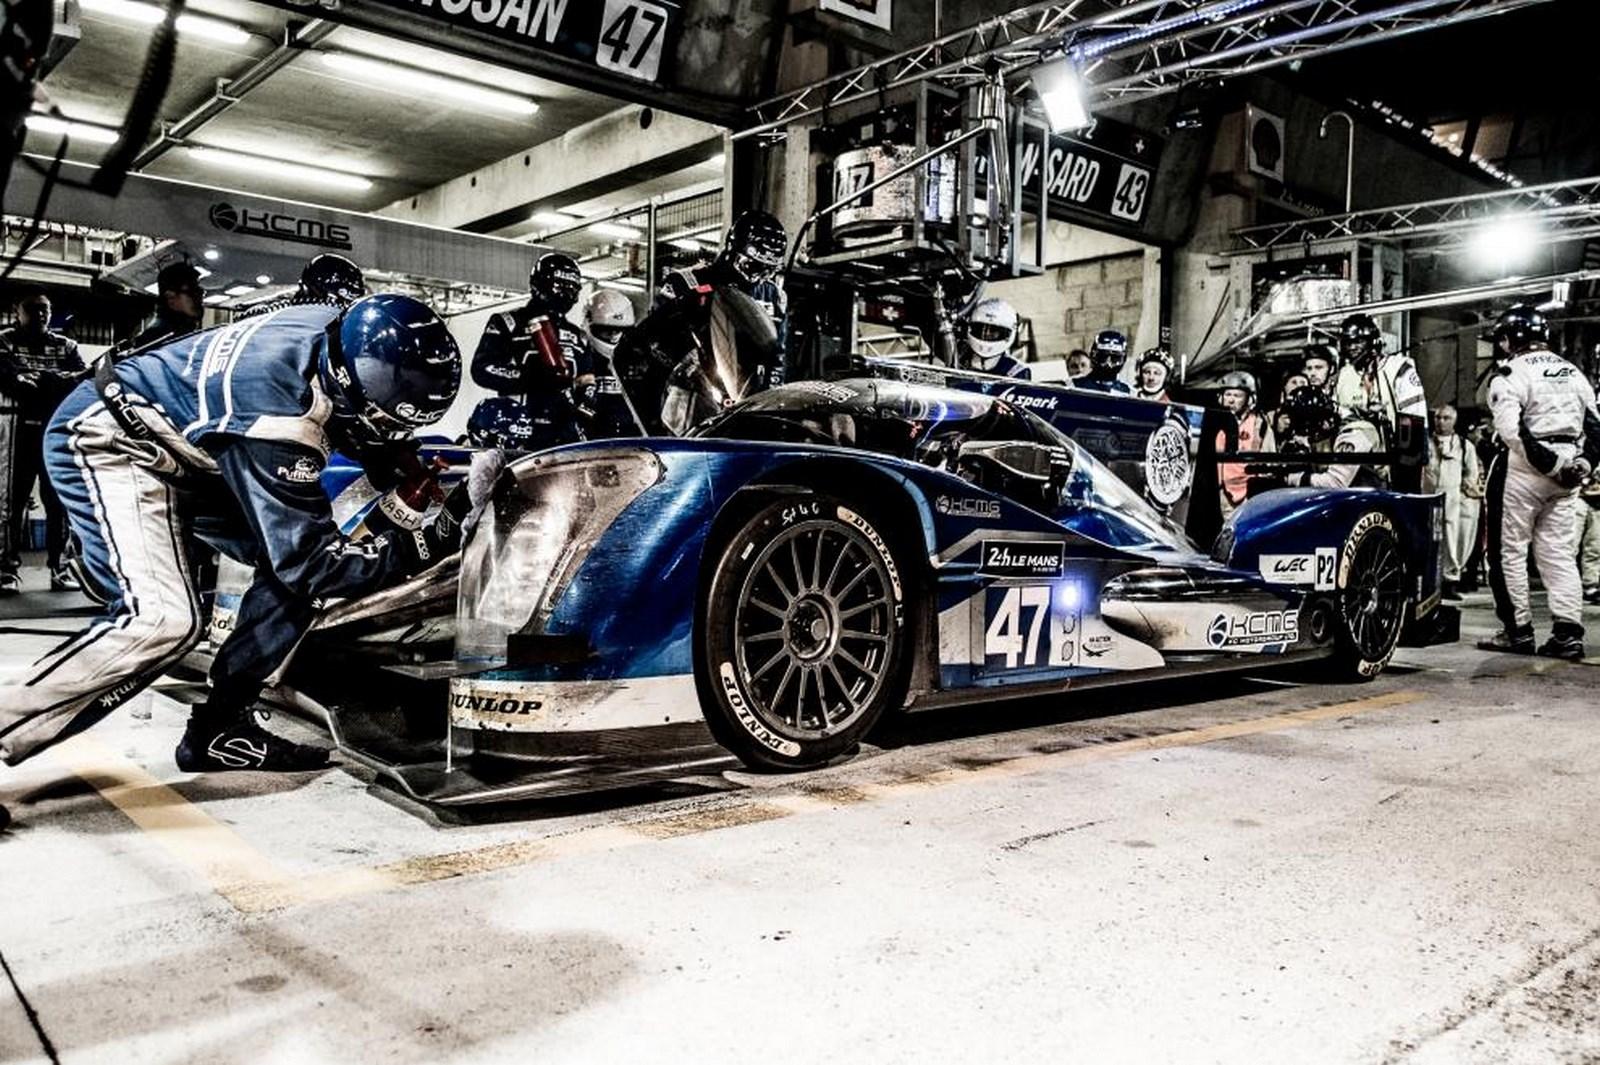 24 horas de Le Mans 2017 Oreca-05-24-horas-de-Le-Mans-2015-1